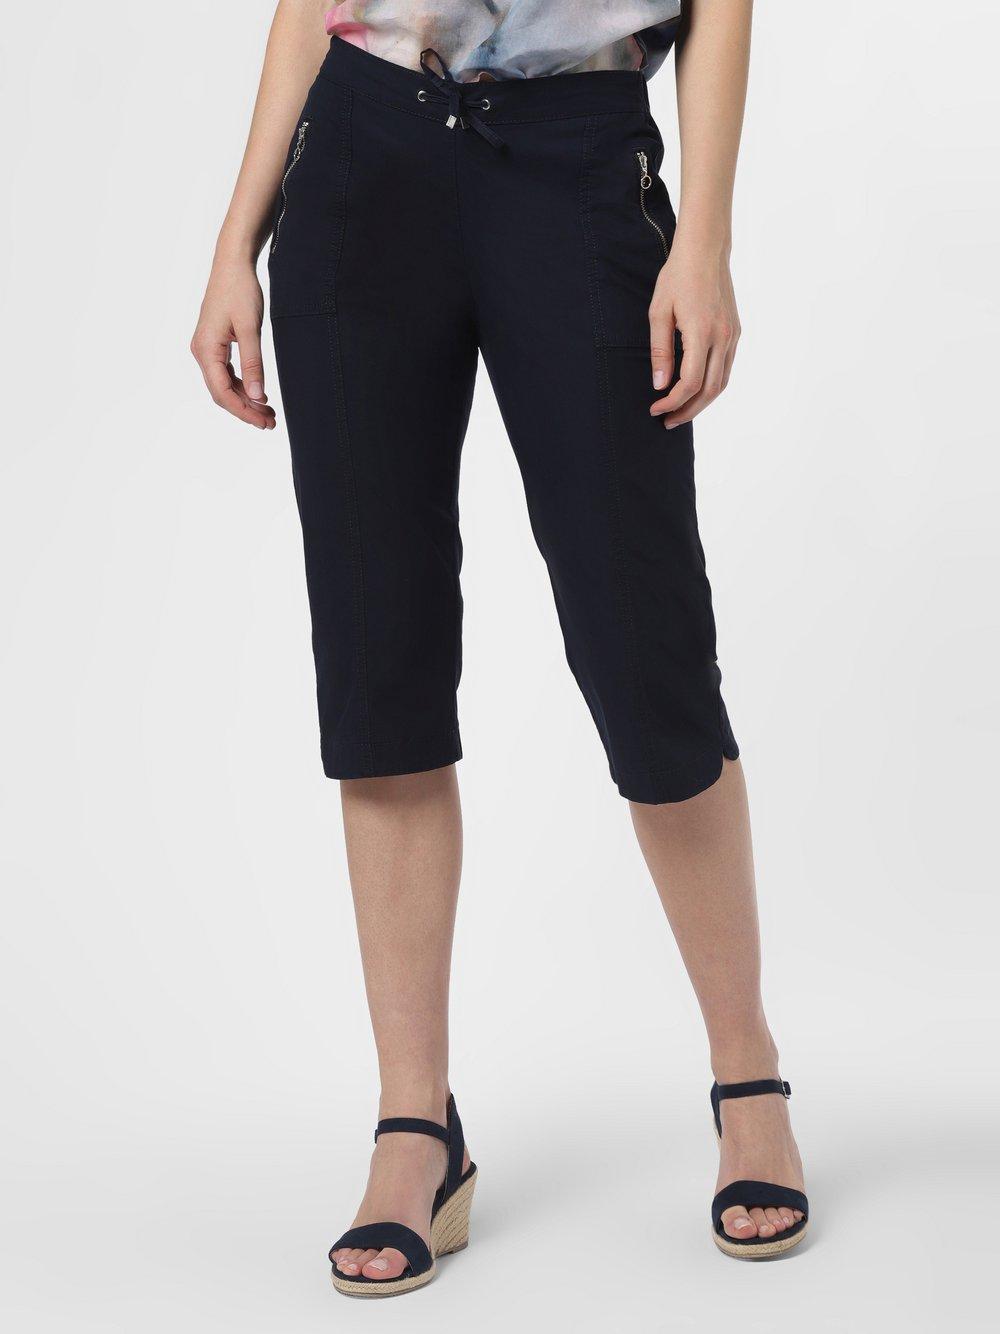 TONI – Spodnie damskie – Mia, niebieski Van Graaf 435607-0005-00480